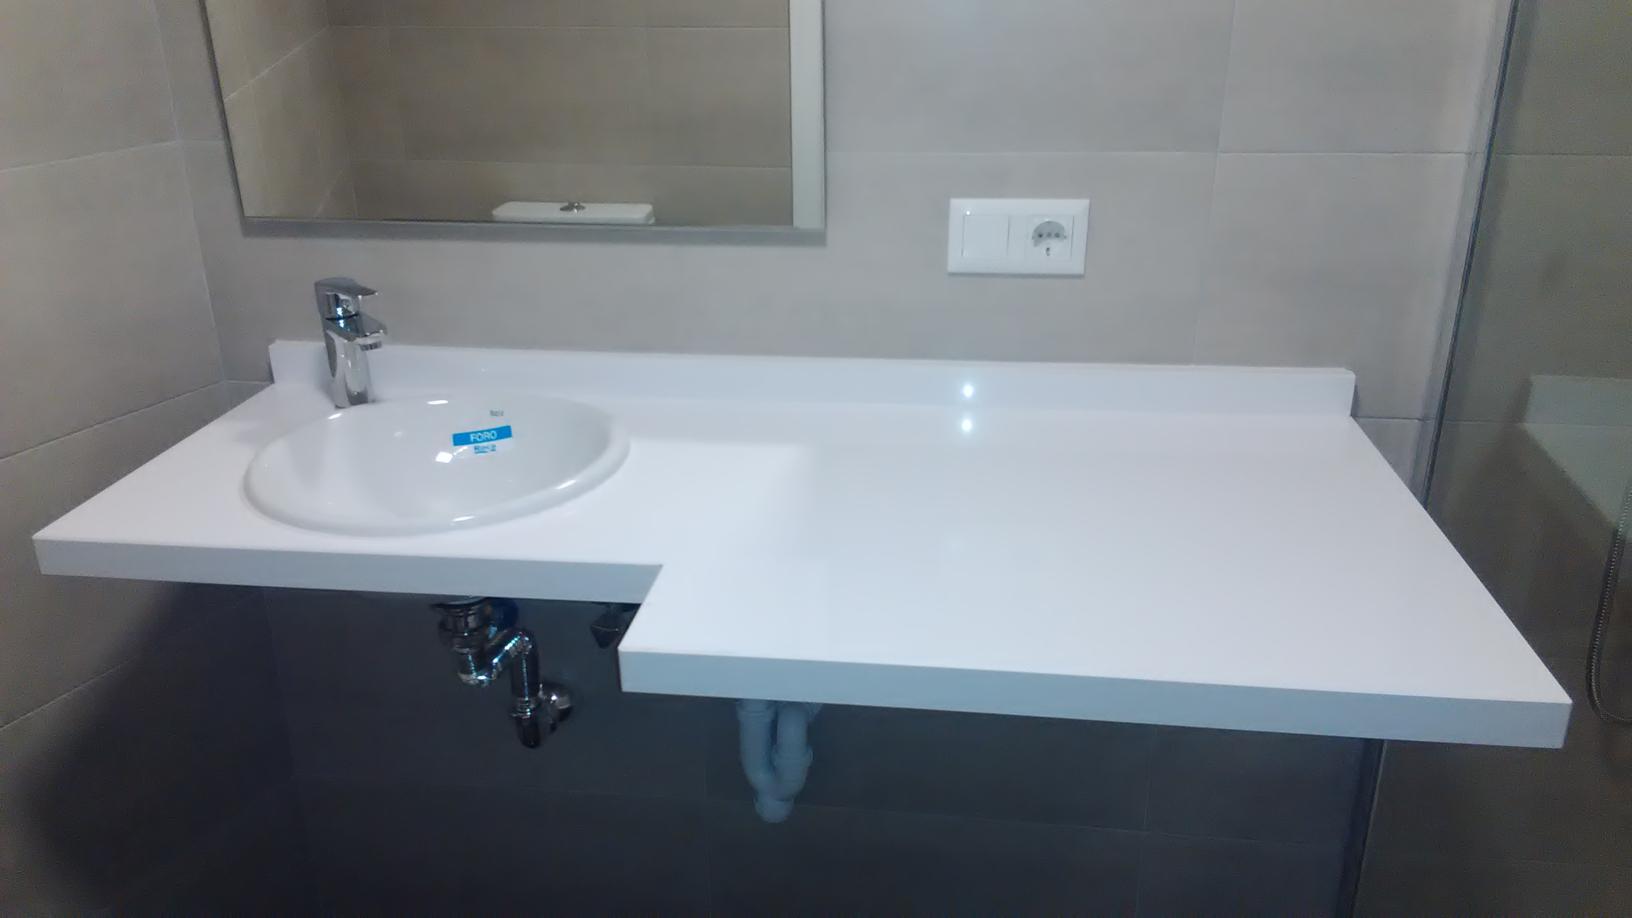 presupuesto reforma de baños en torrevieja orihuela guardamar del segura pilar de la horada bigastro san miguel de salinas benejuzar